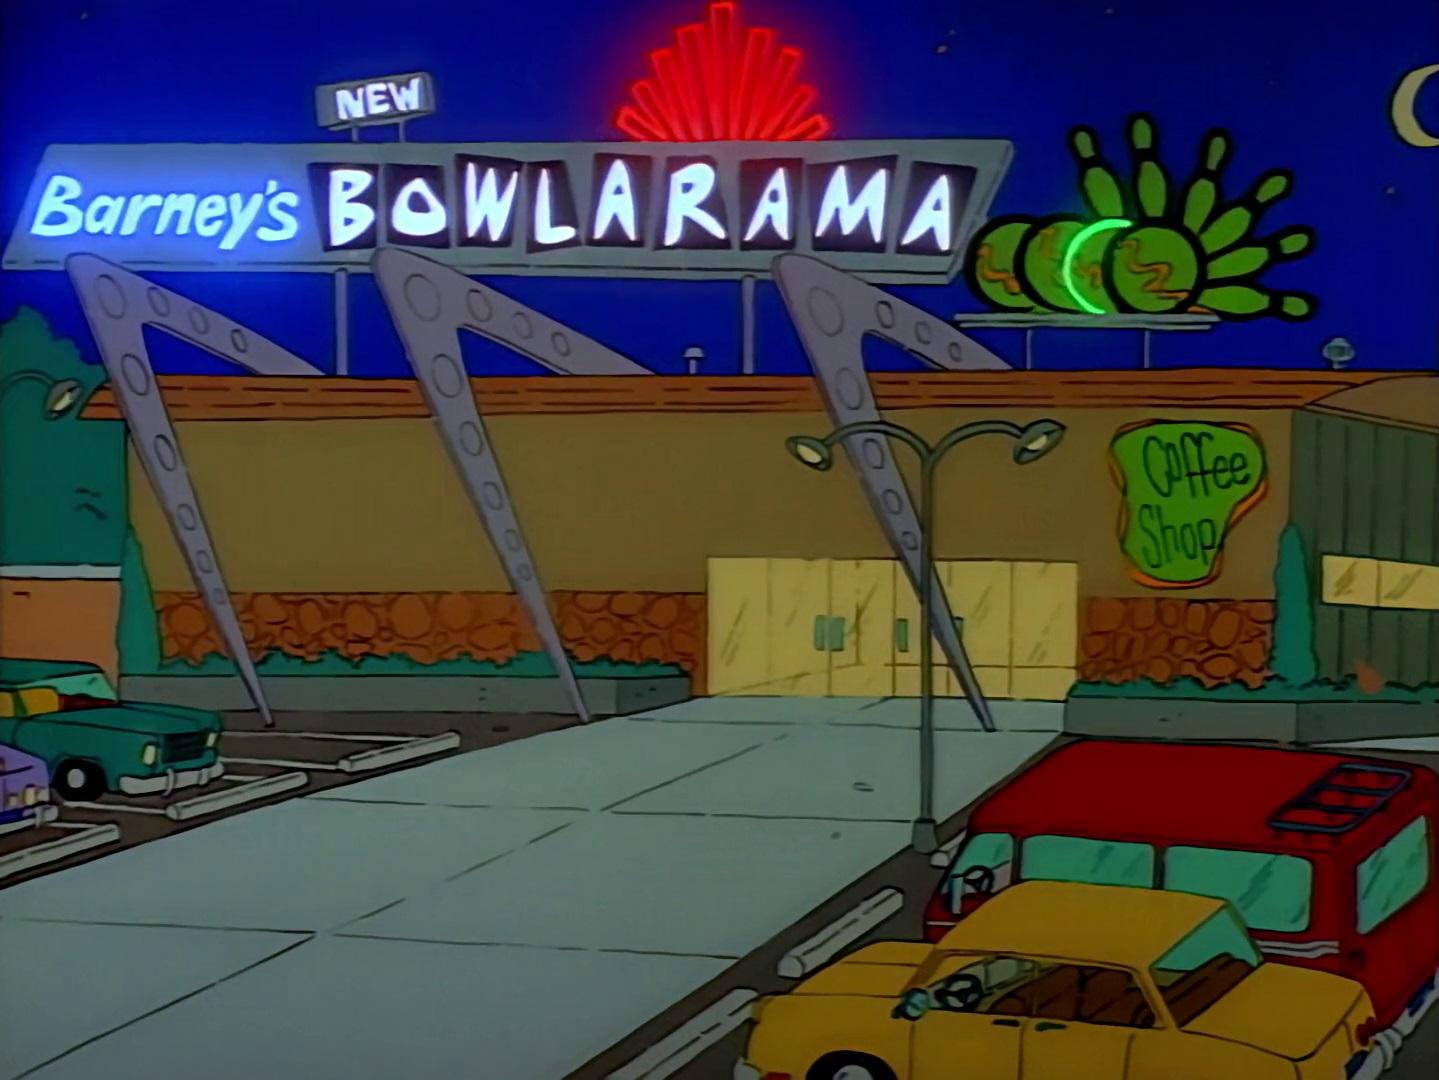 File:Bowlarama.jpg